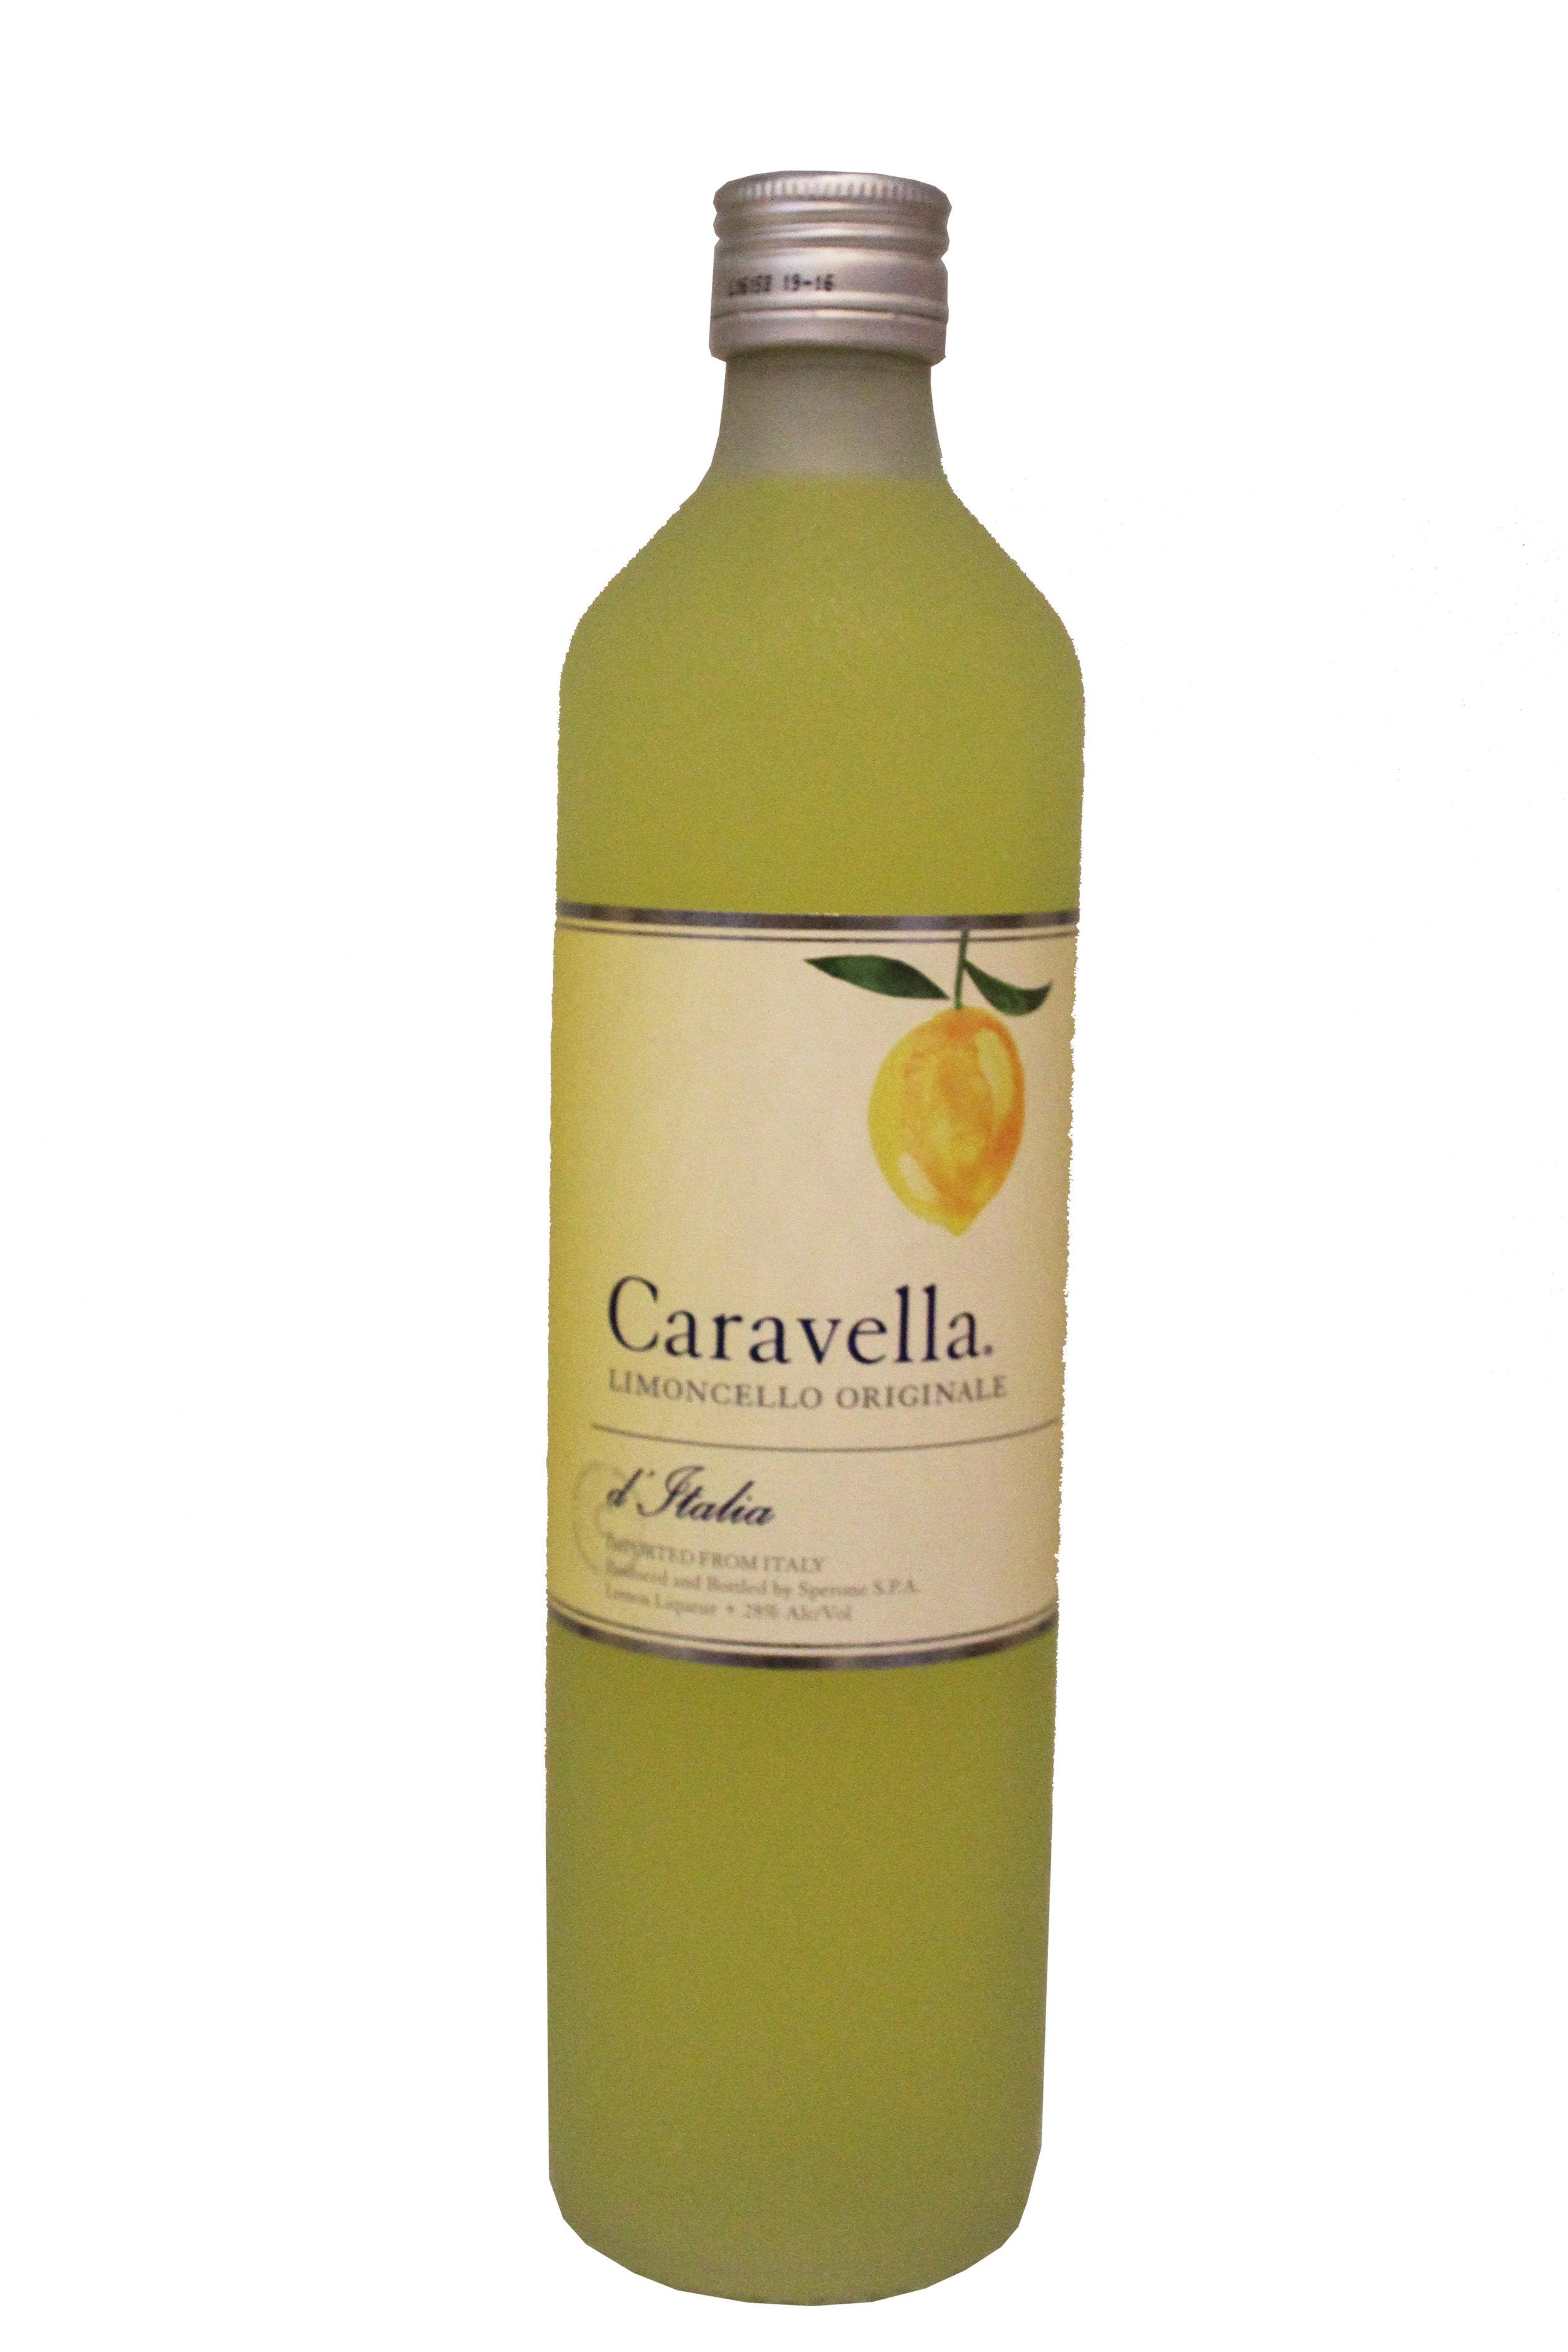 Limoncello  Caravello, Italy